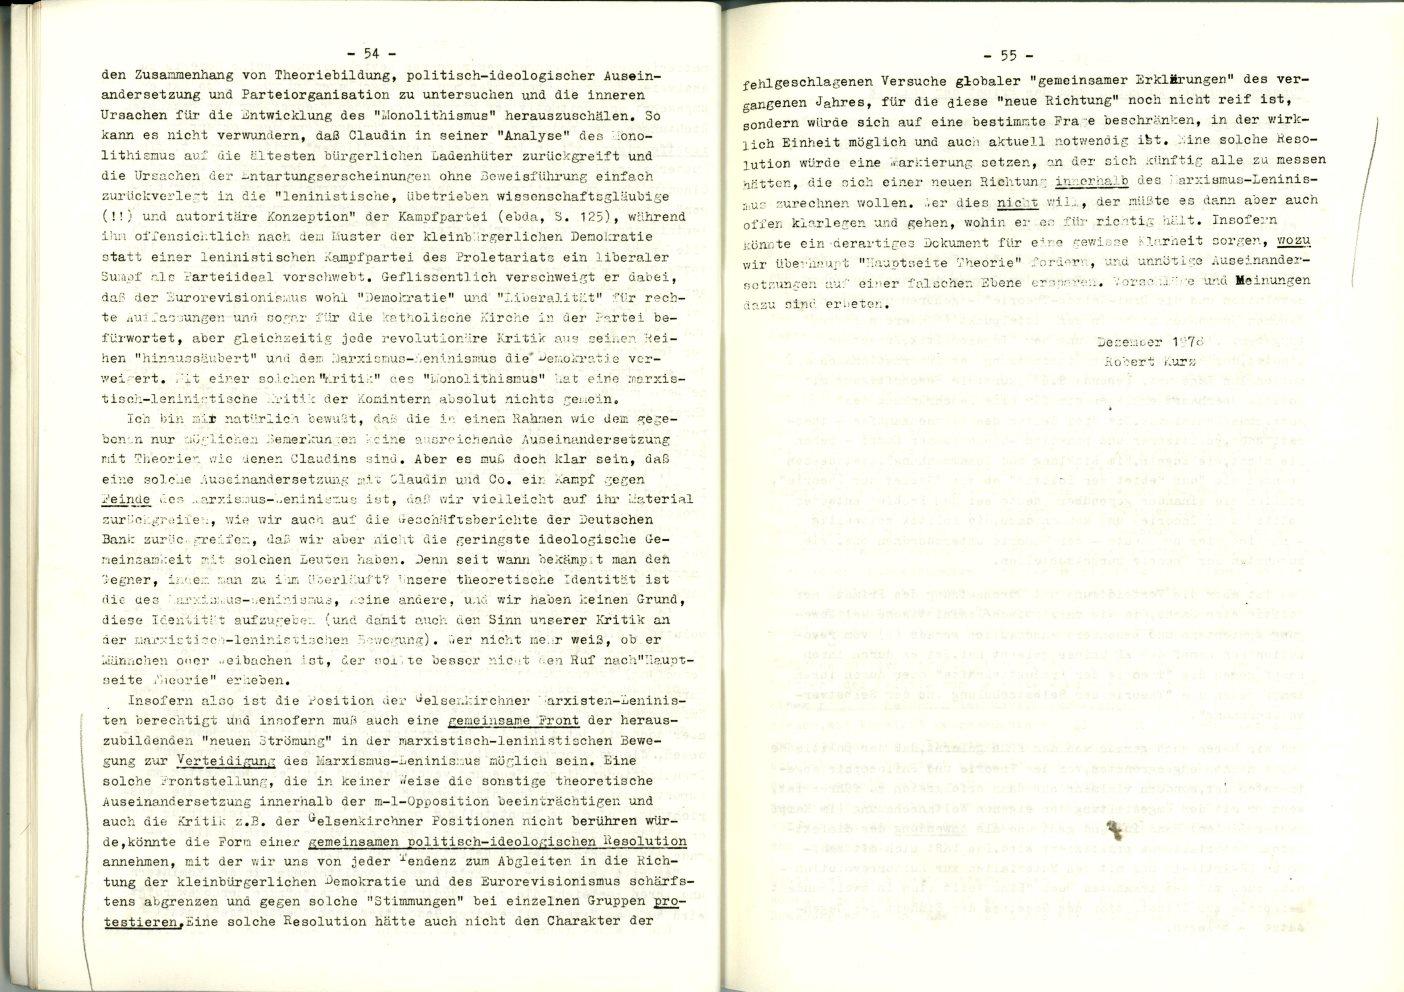 Nuernberg_Fuerth_Erlangen_ML_Diskussionsbeitraege_1979_02_28